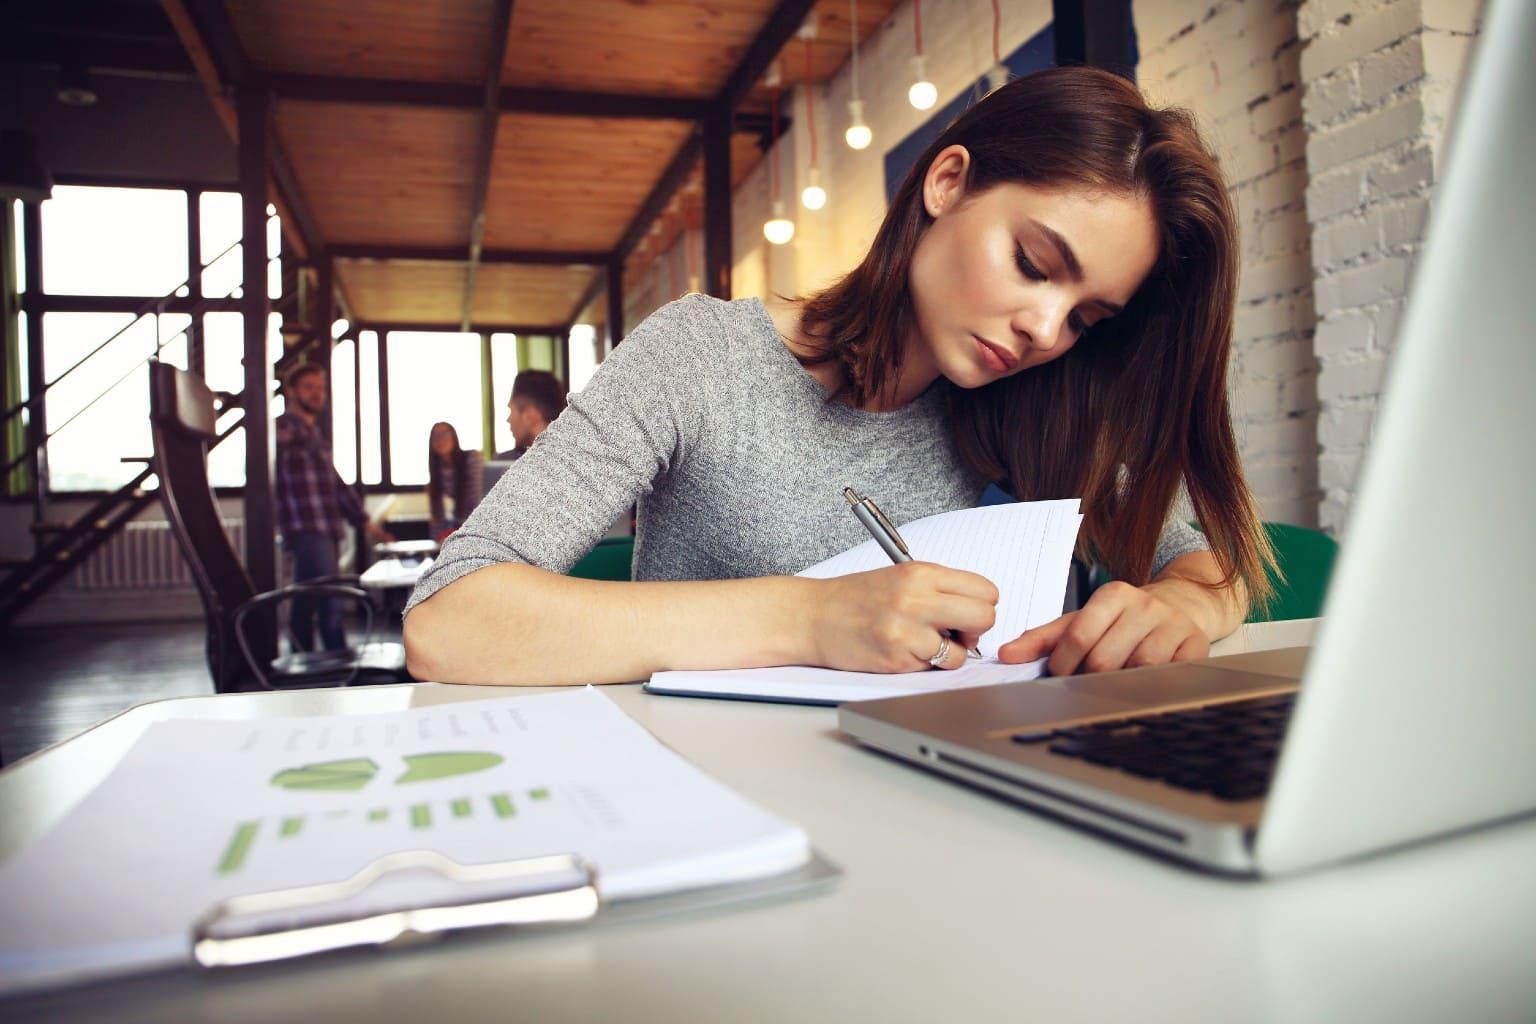 vrouw bestudeert tips veilig omgaan met data